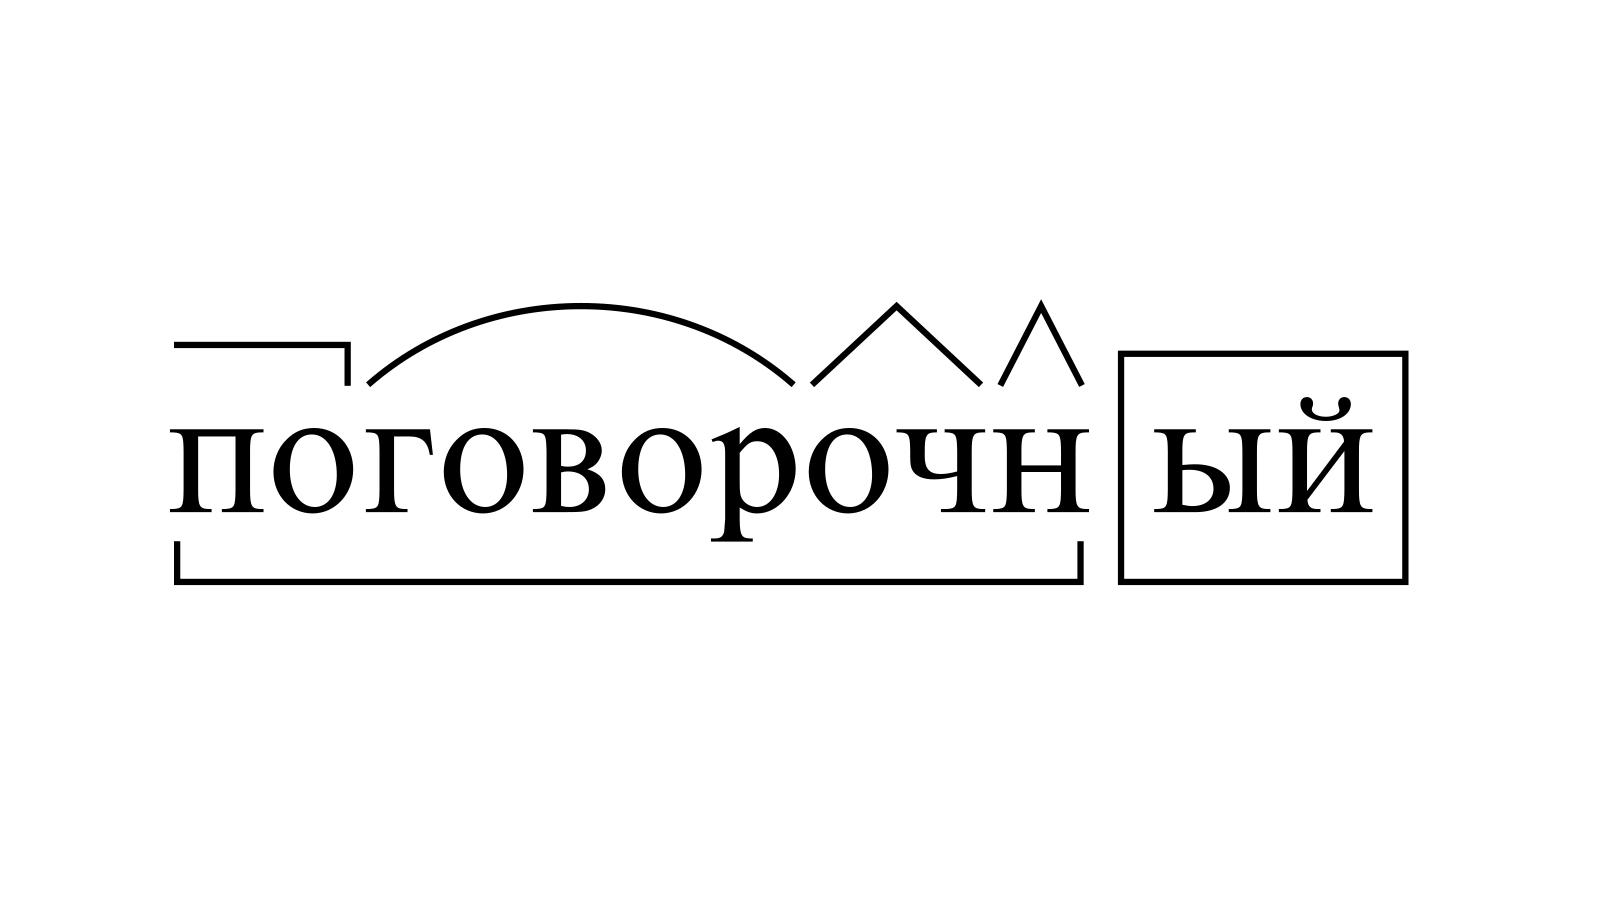 Разбор слова «поговорочный» по составу